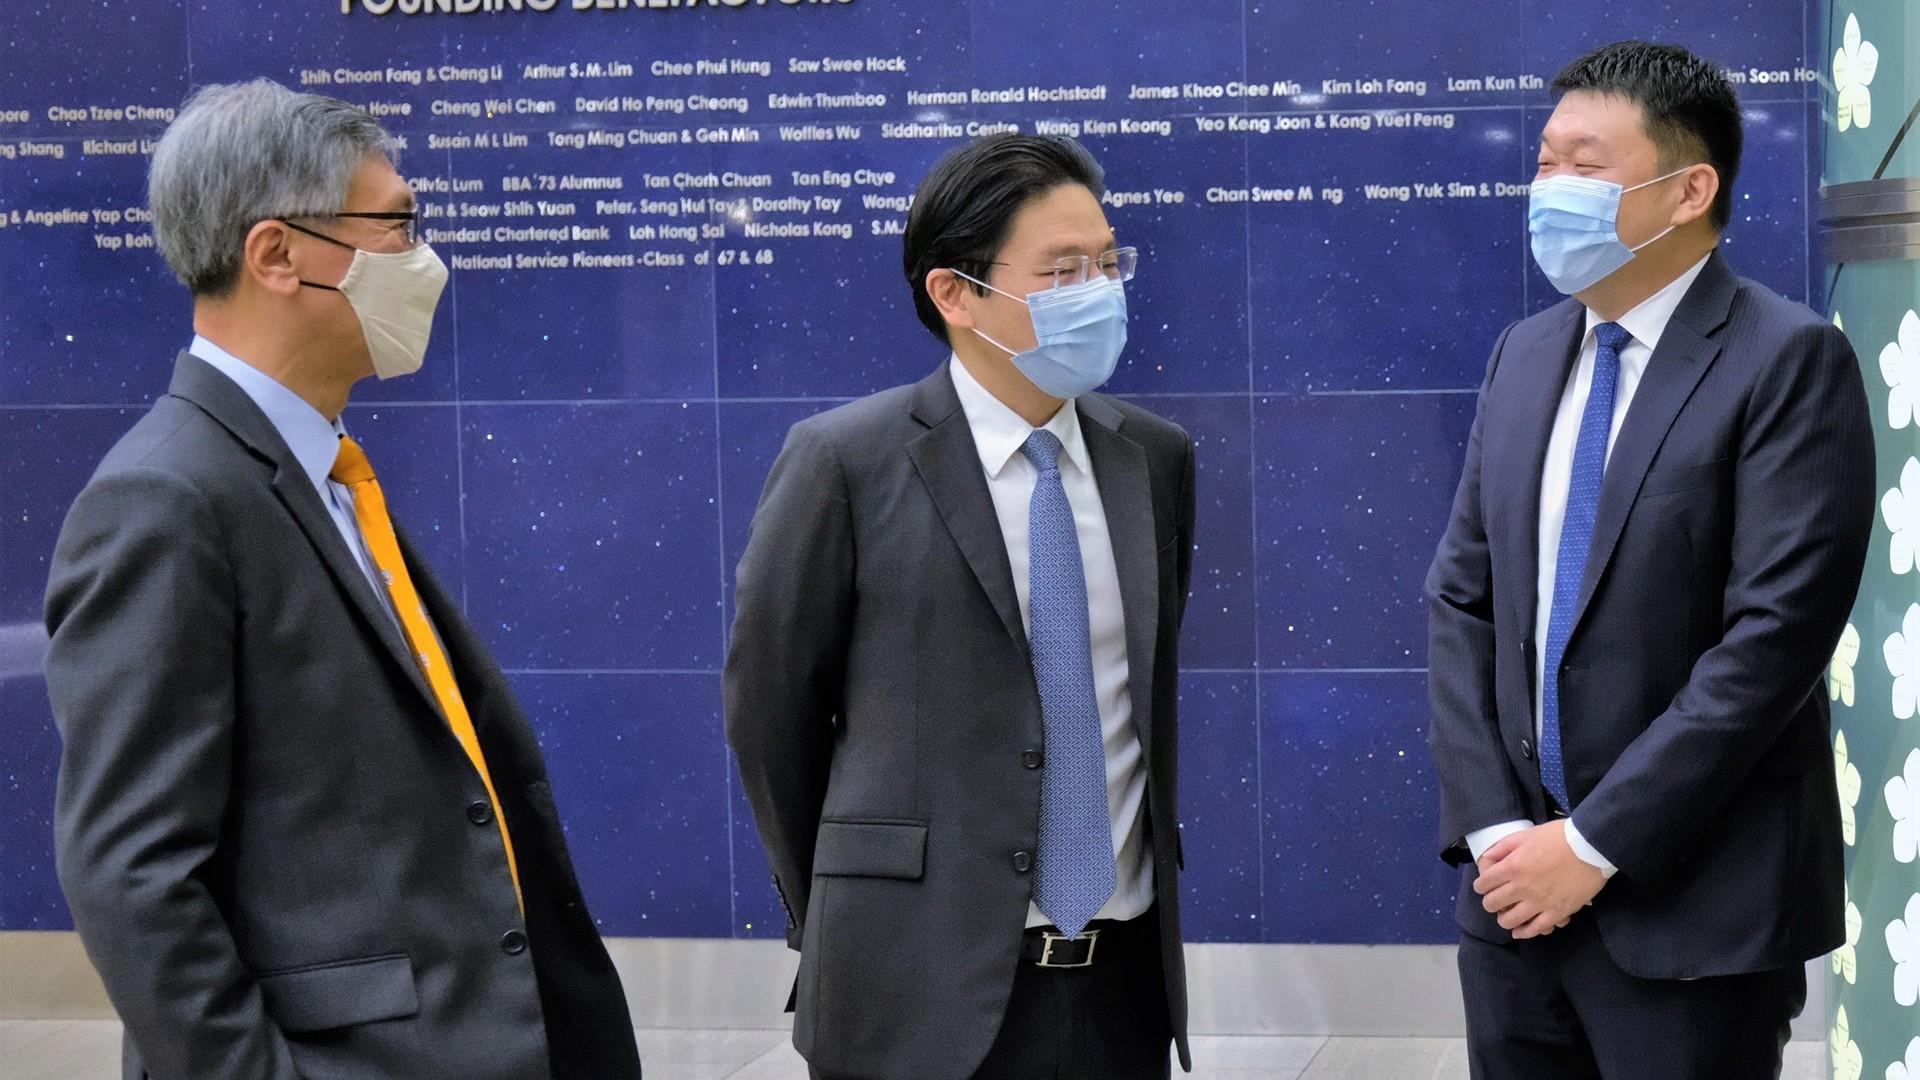 Prof Tan, Mr Wong, Mr Li